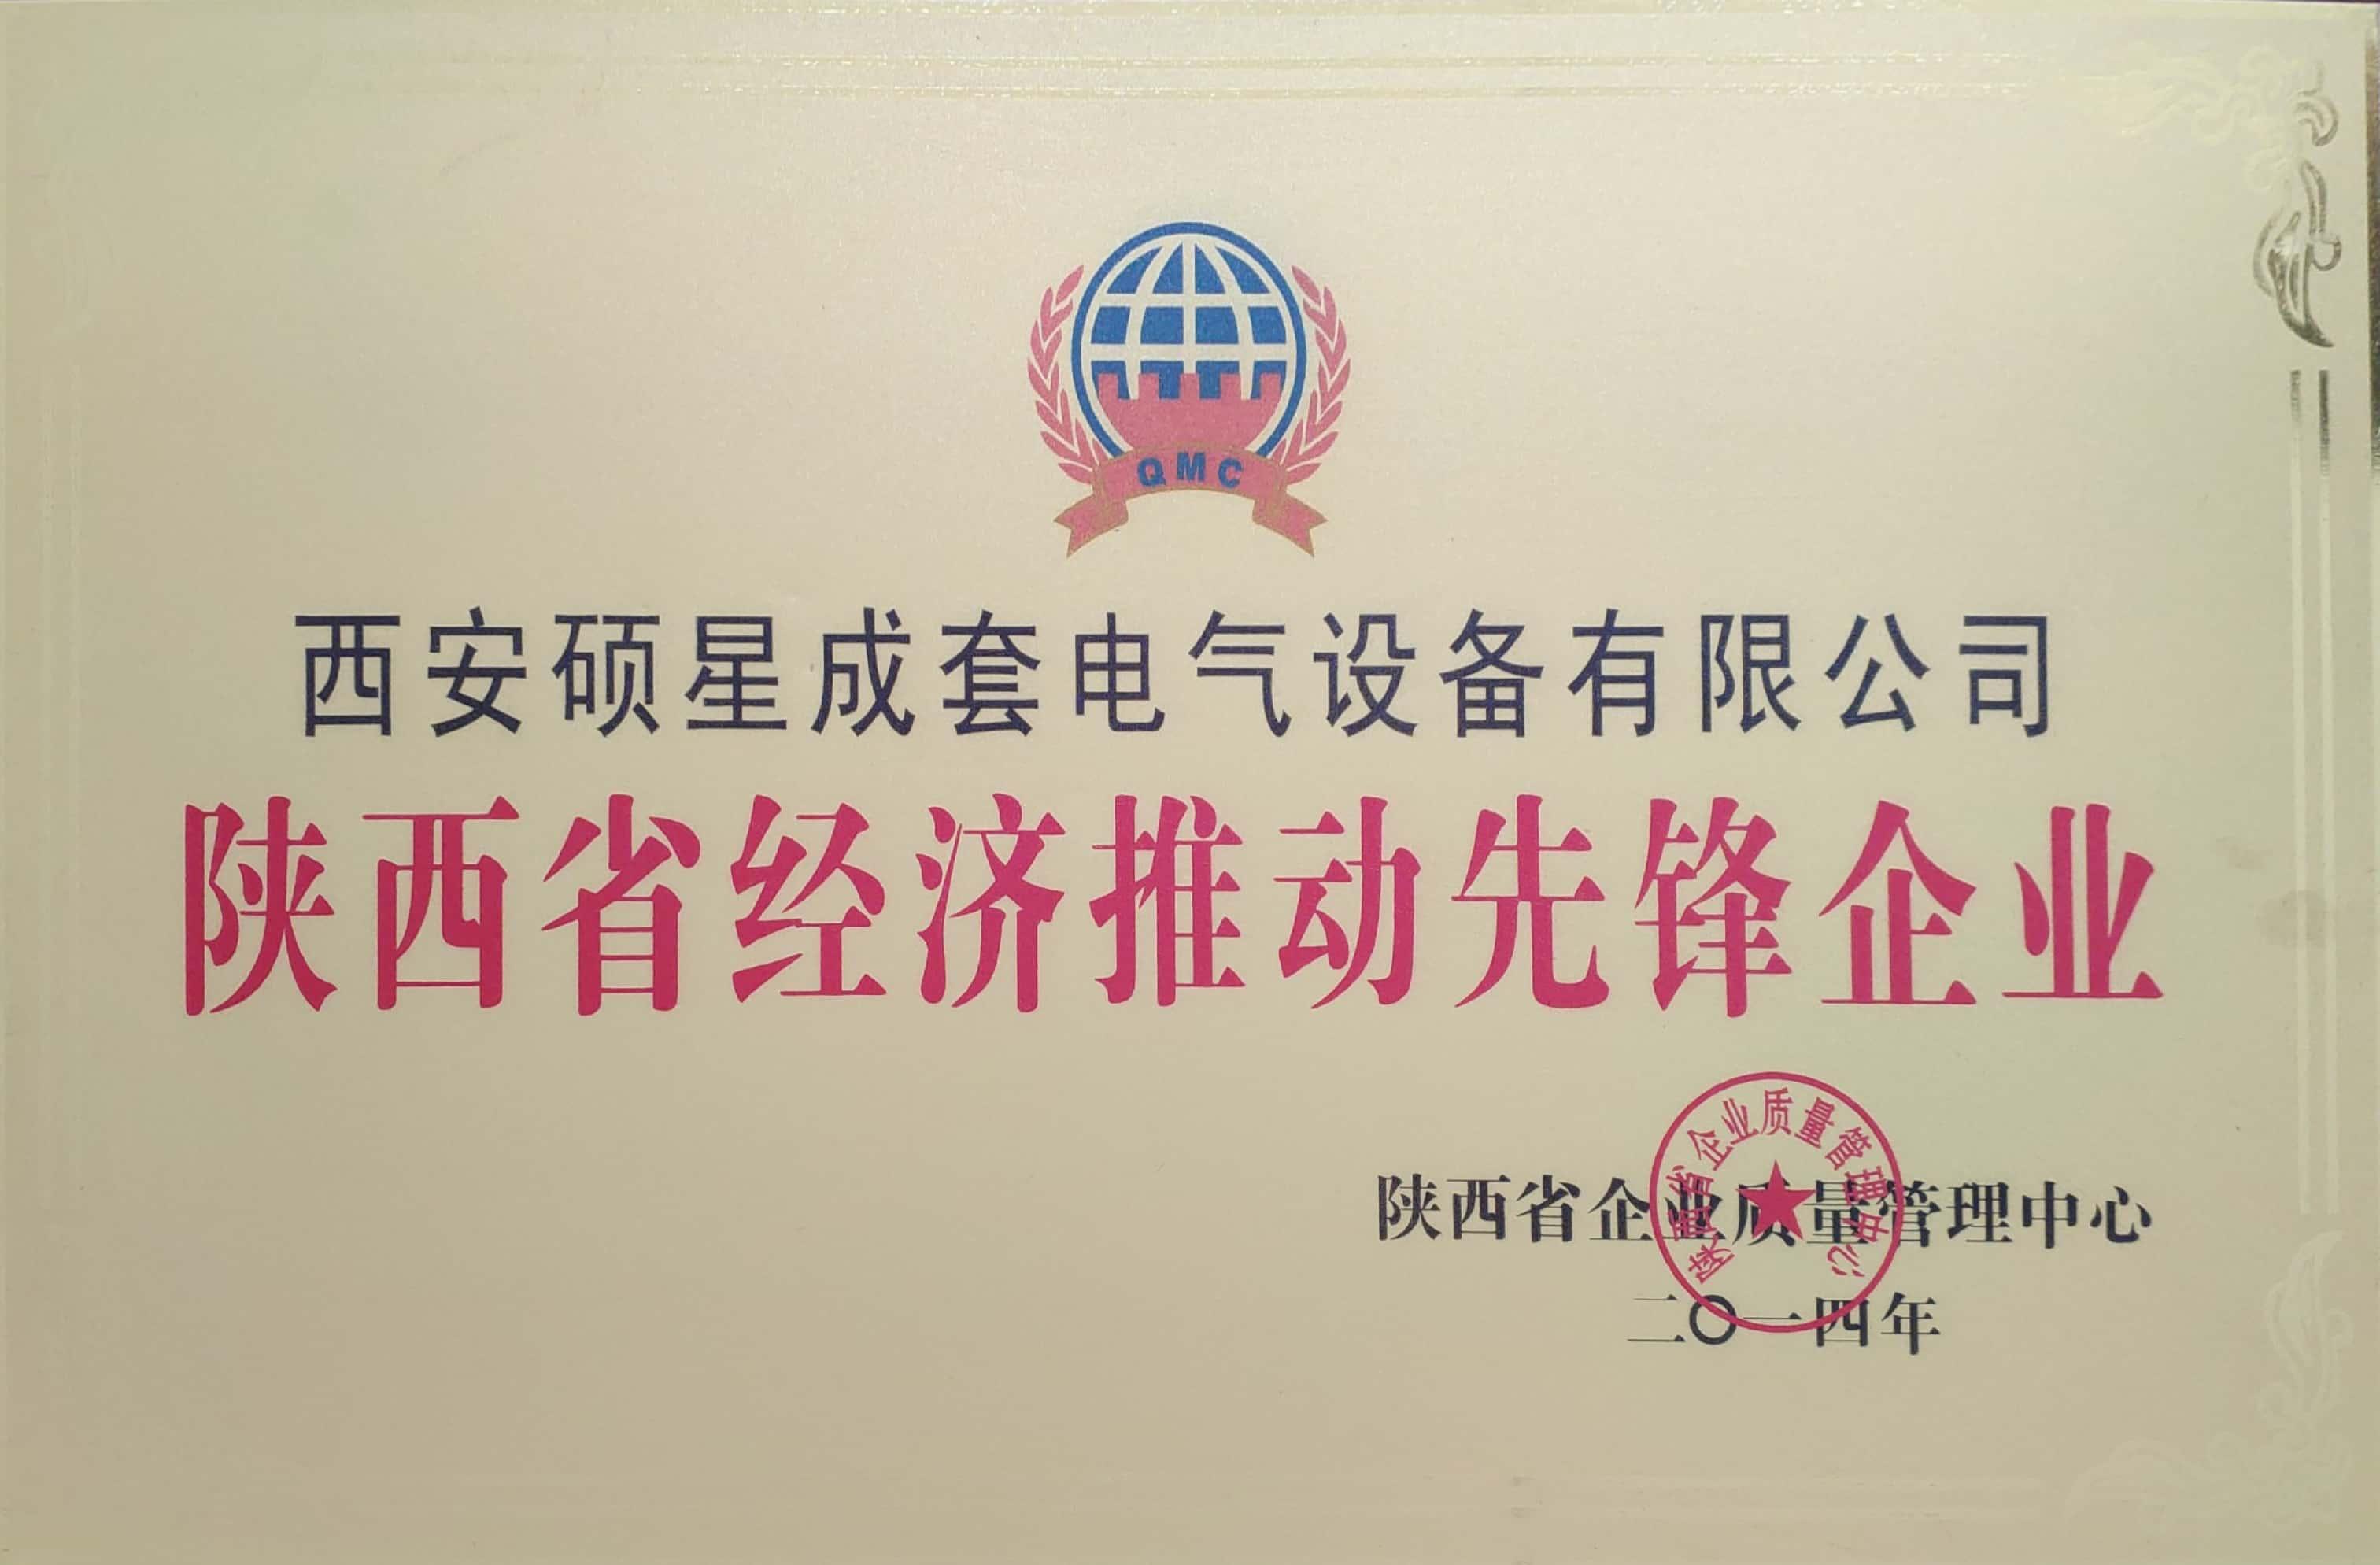 陕西省经济推动先锋企业